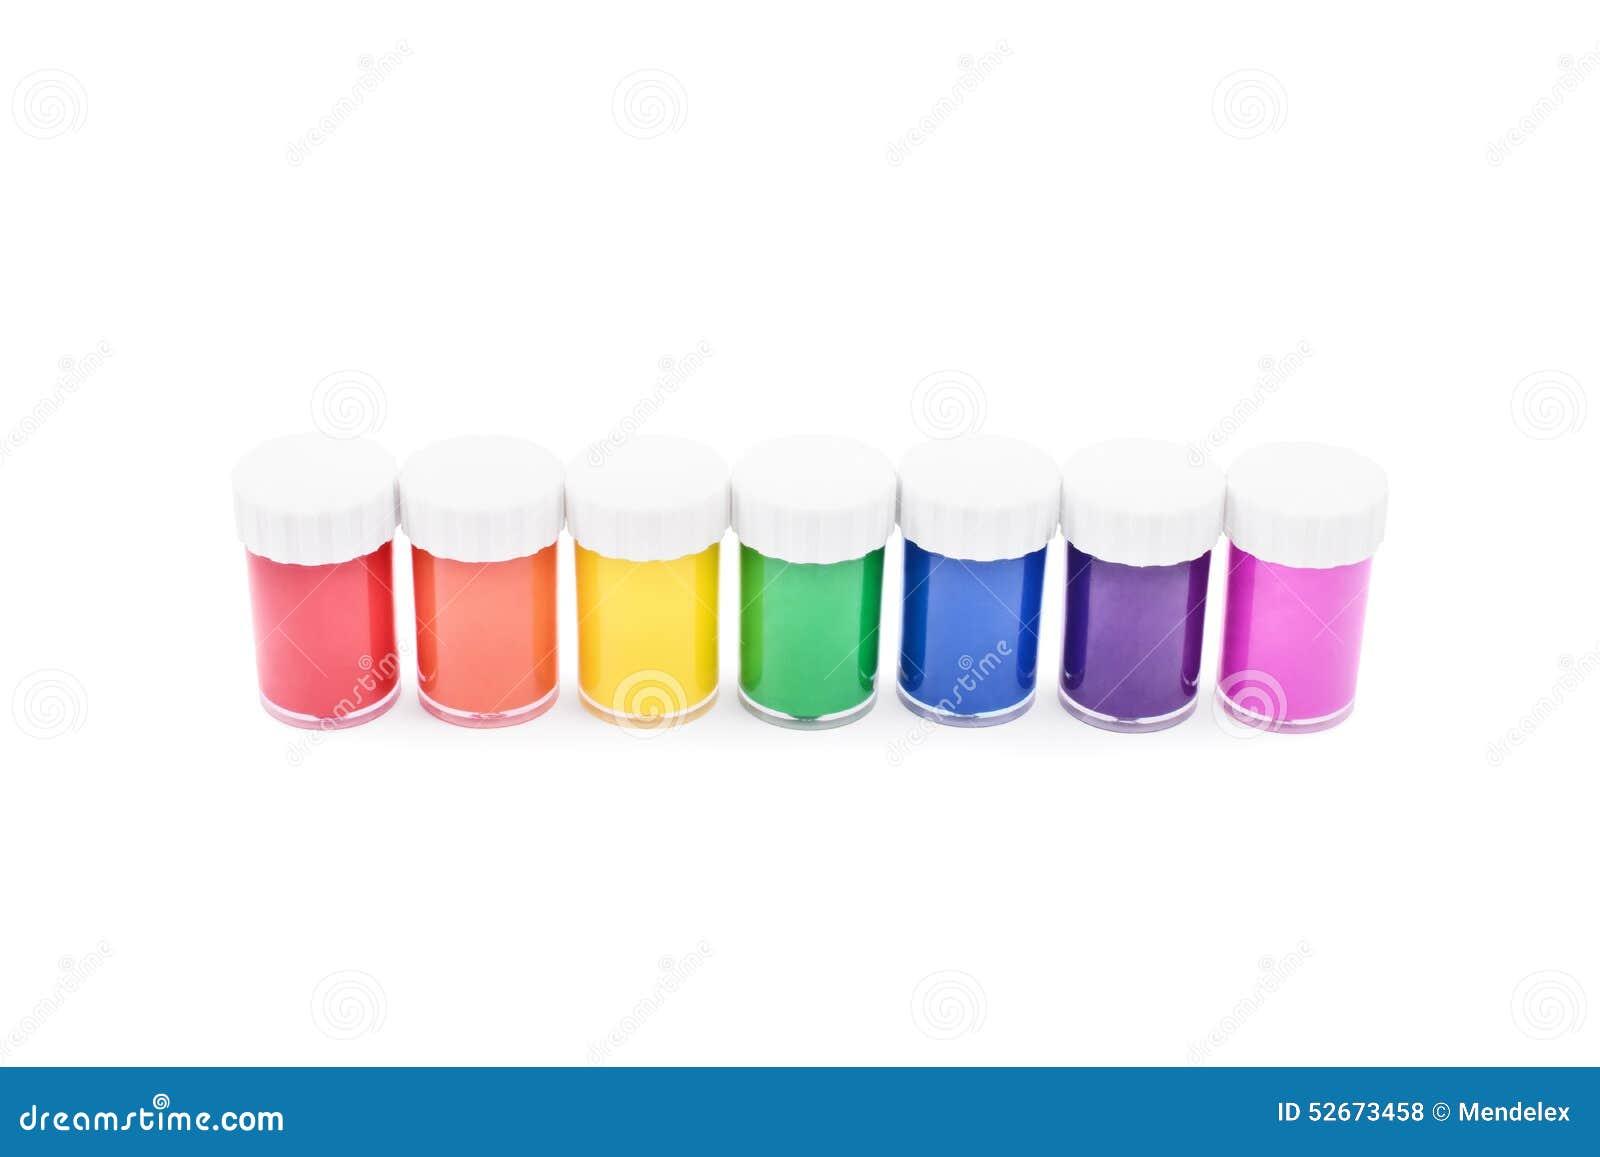 Color vials stock photo image 52673458 for Paint color spectrum